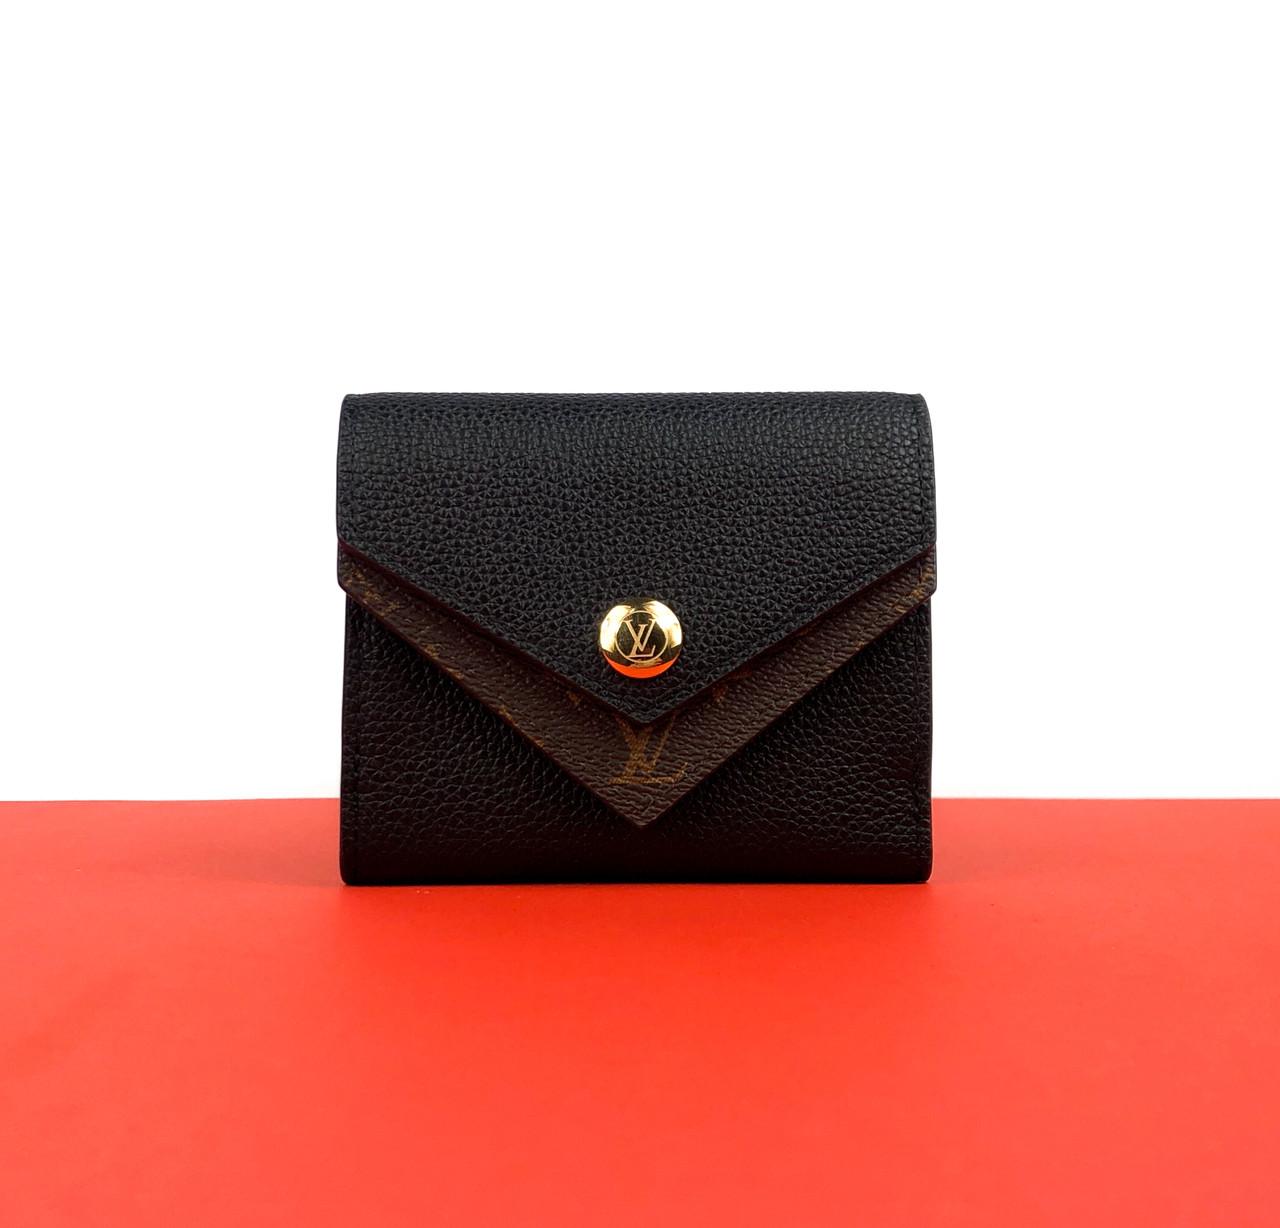 Кошелек Louis Vuitton DOUBLE V COMPACT (Луи Виттон) арт. 22-15